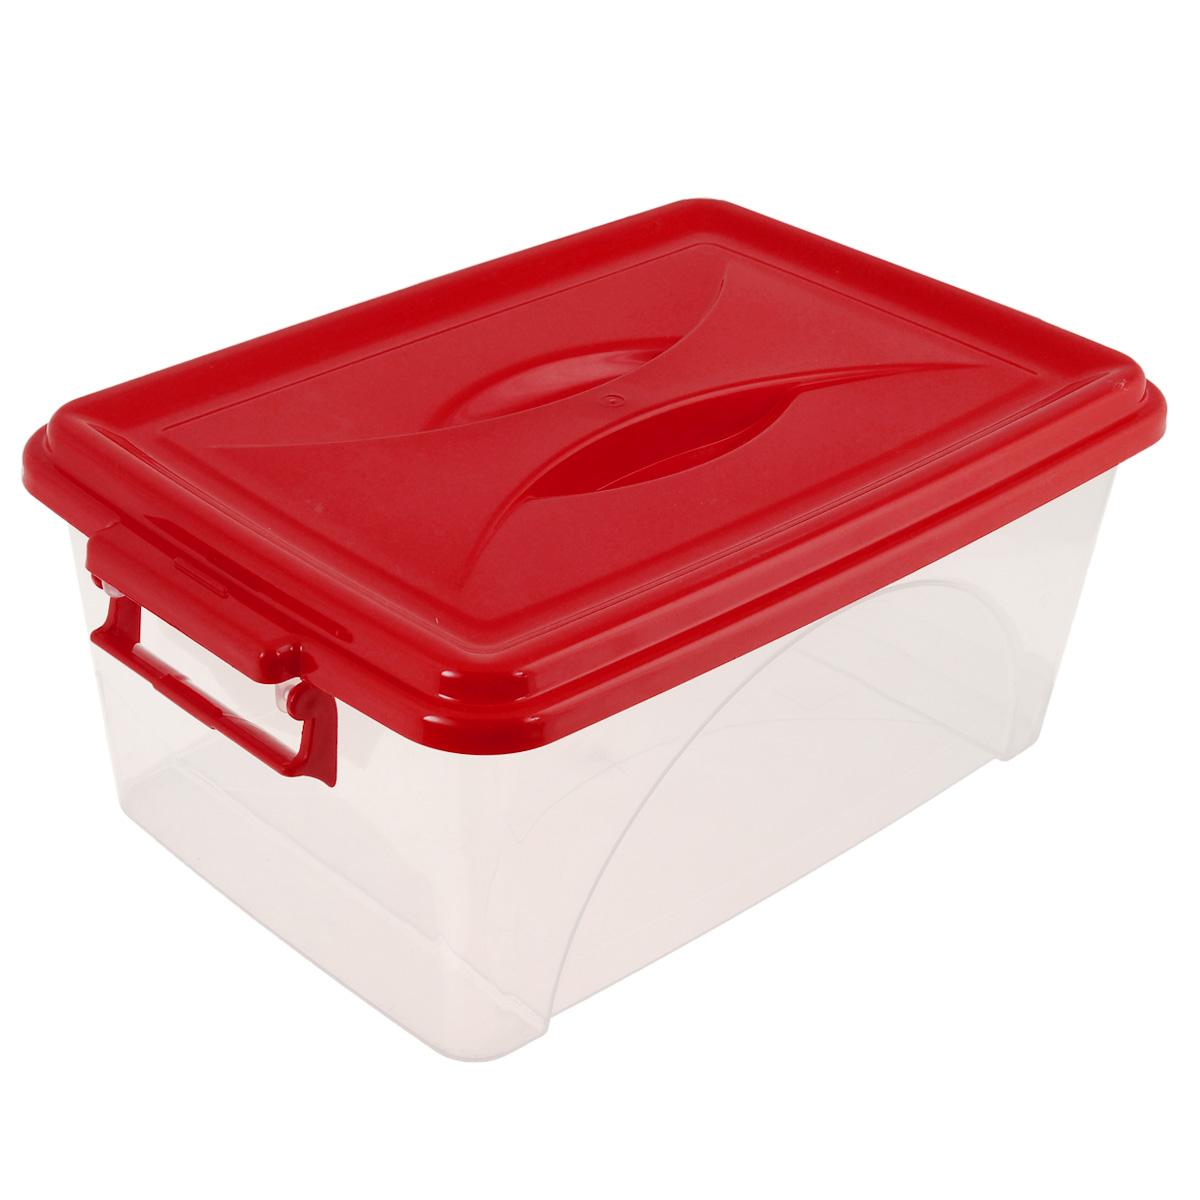 Контейнер Альтернатива, цвет: красный, 7,5 л74-0140Контейнер Альтернатива выполнен из прочного пластика. Он предназначен для хранения различных мелких вещей. Крышка легко открывается и плотно закрывается. Прозрачные стенки позволяют видеть содержимое. По бокам предусмотрены две удобные ручки, с помощью которых контейнер закрывается.Контейнер поможет хранить все в одном месте, а также защитить вещи от пыли, грязи и влаги.